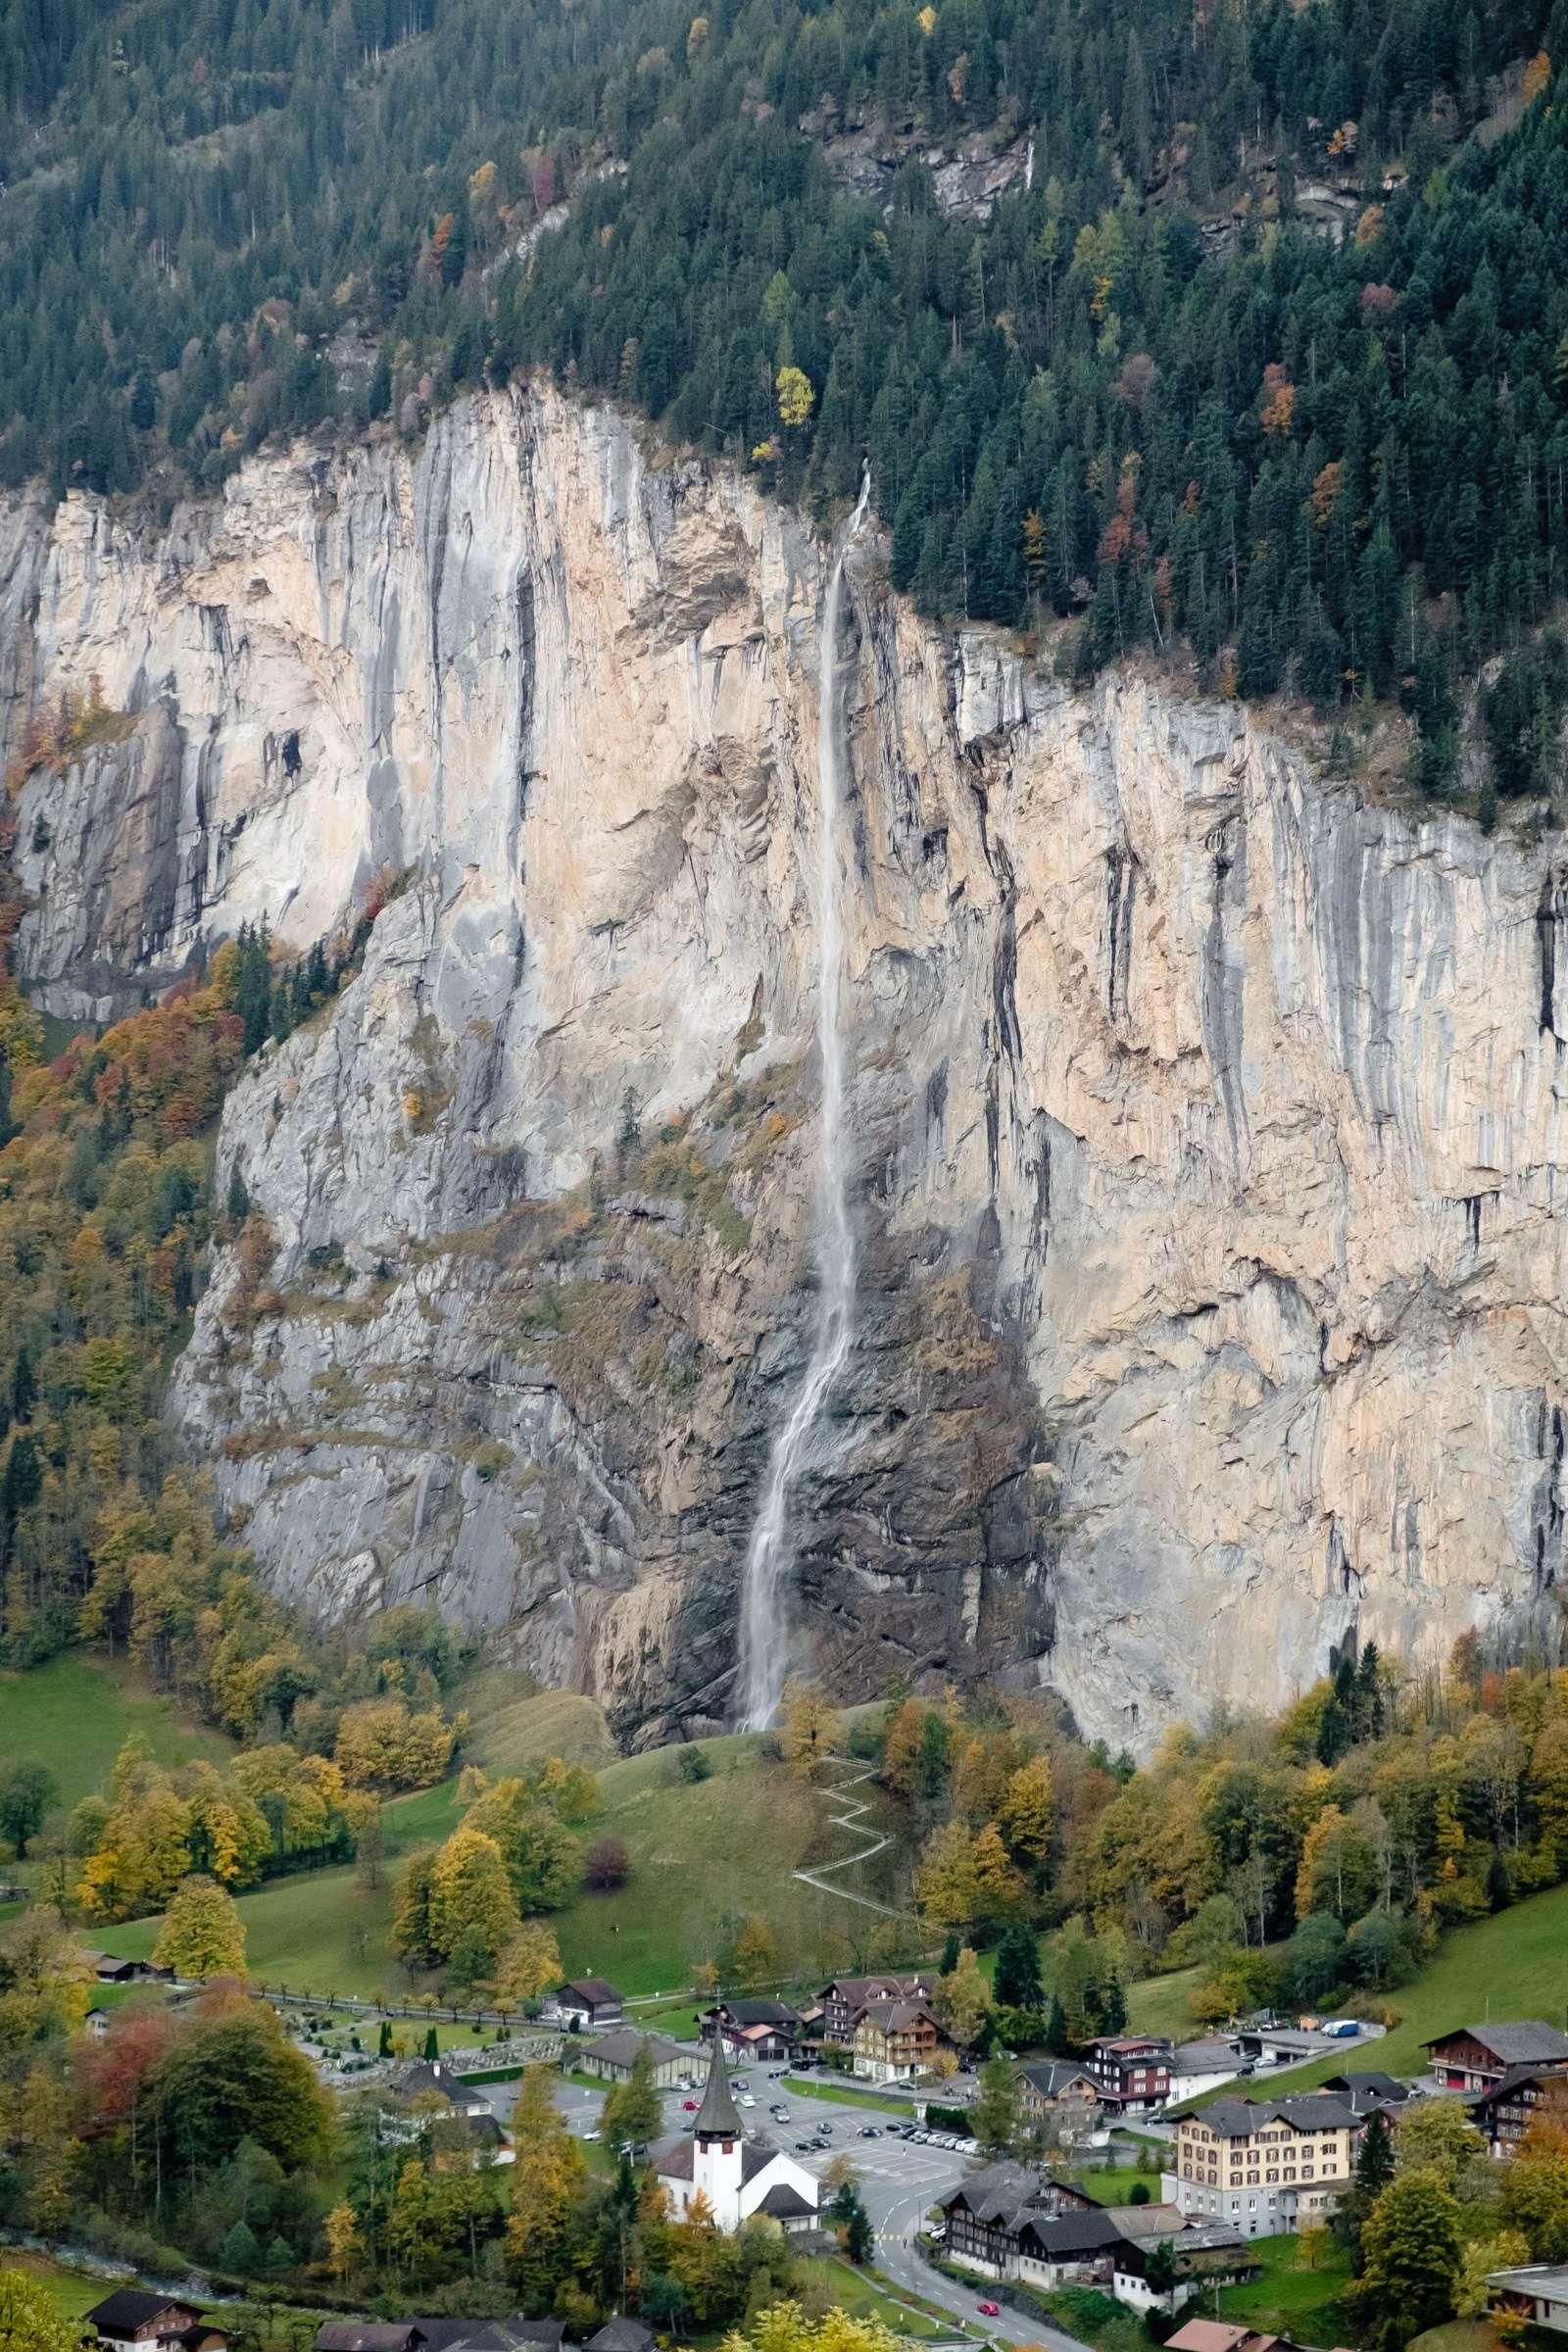 Staubbach waterfall over Lauterbrunnen